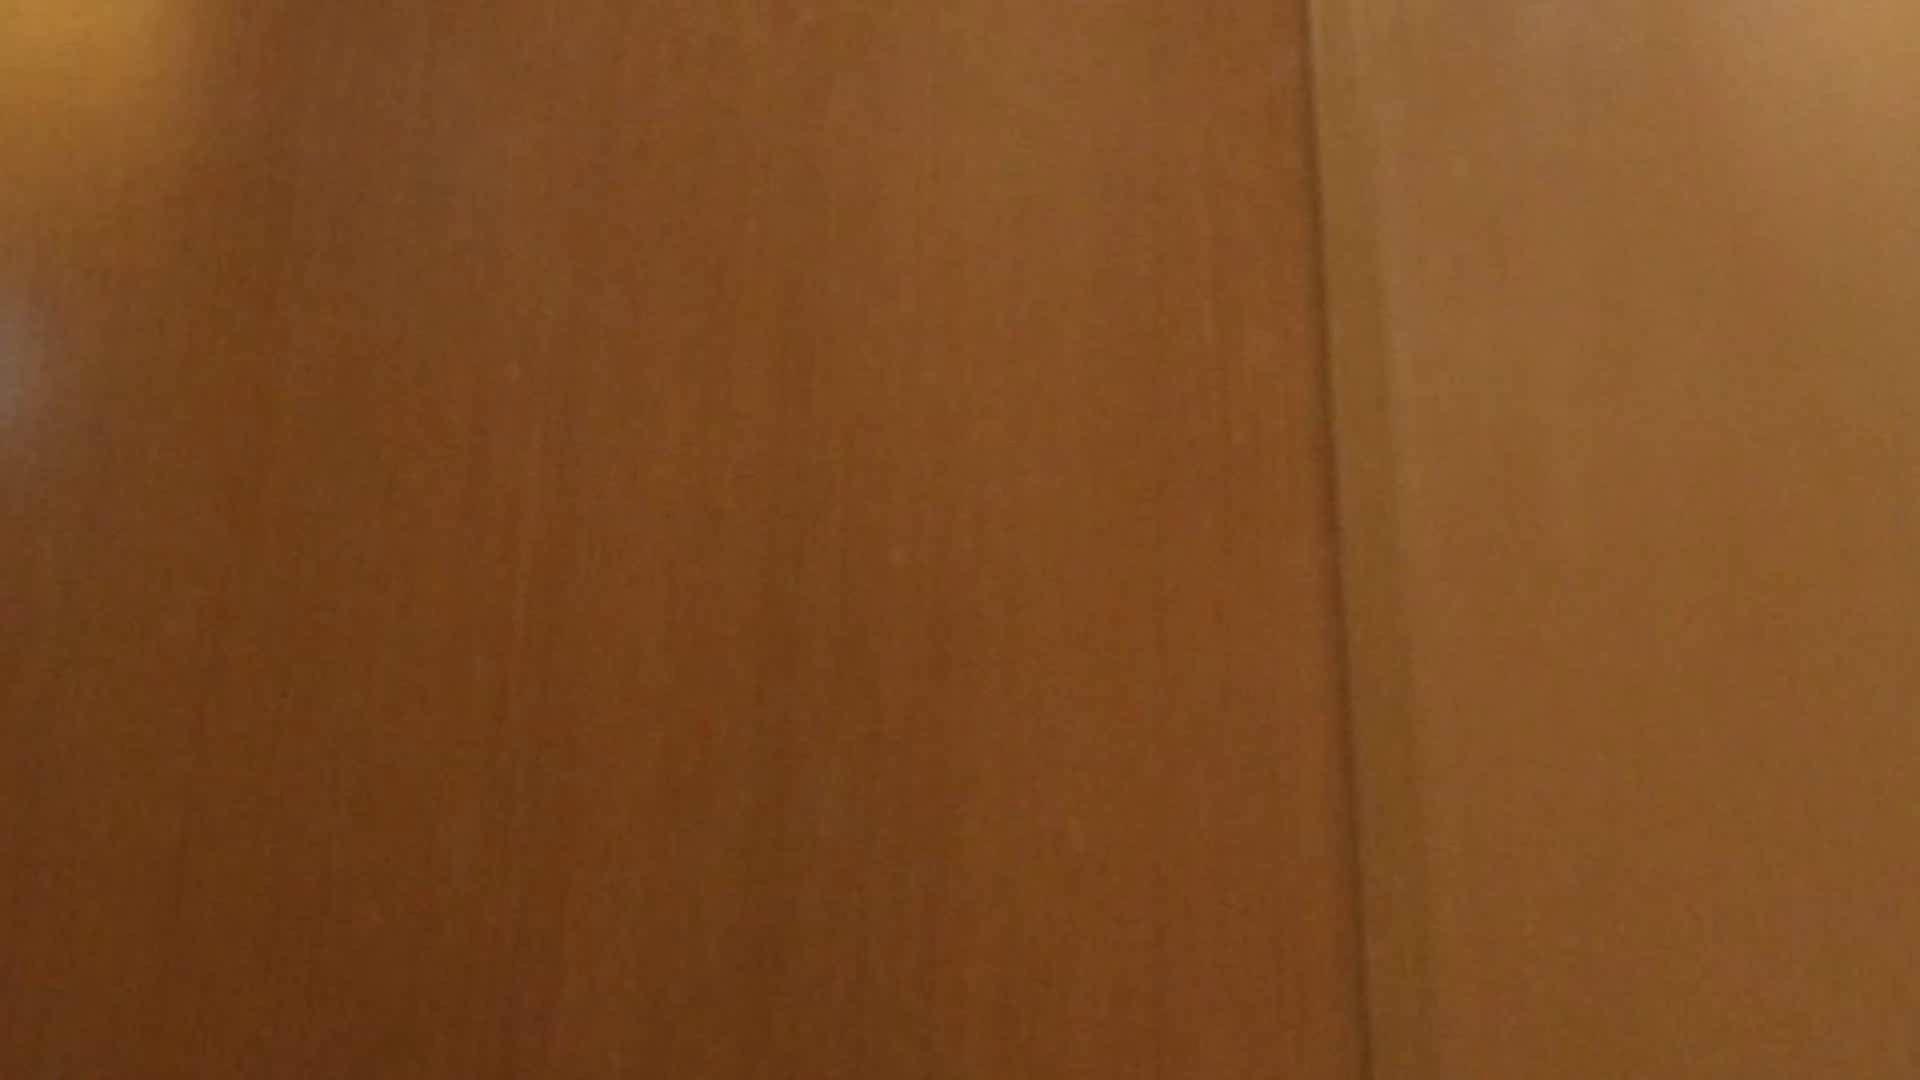 隣国化粧室下から御免!! No.02 洗面所のぞき SEX無修正画像 90枚 11